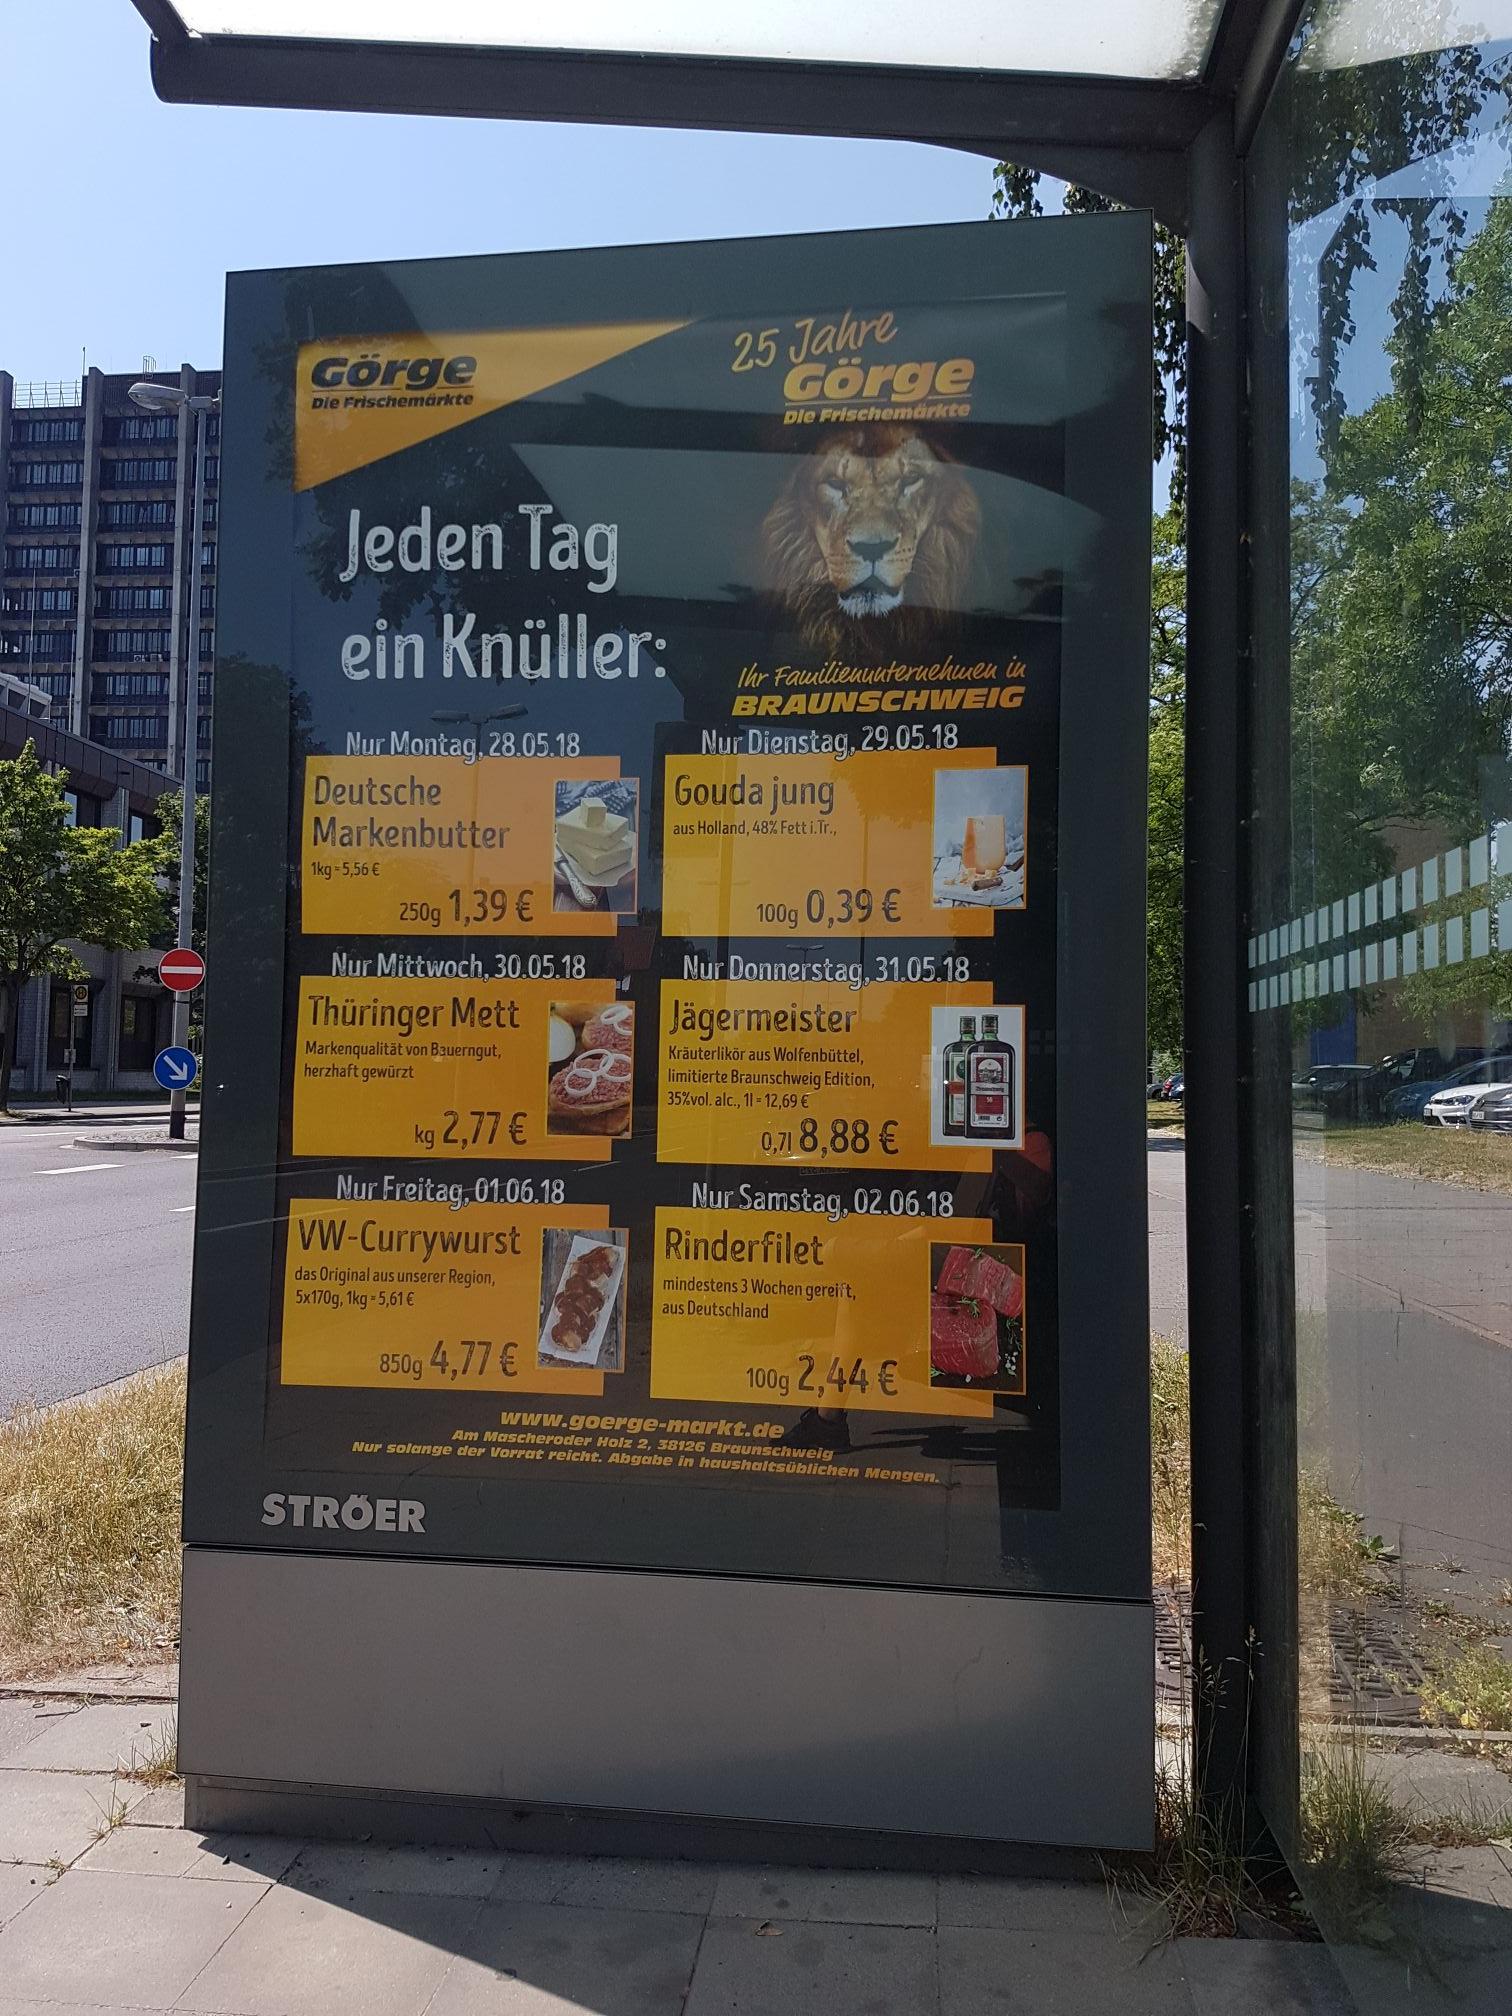 [LOKAL BRAUNSCHWEIG] VW-Currywurst (850g) für 4,77€